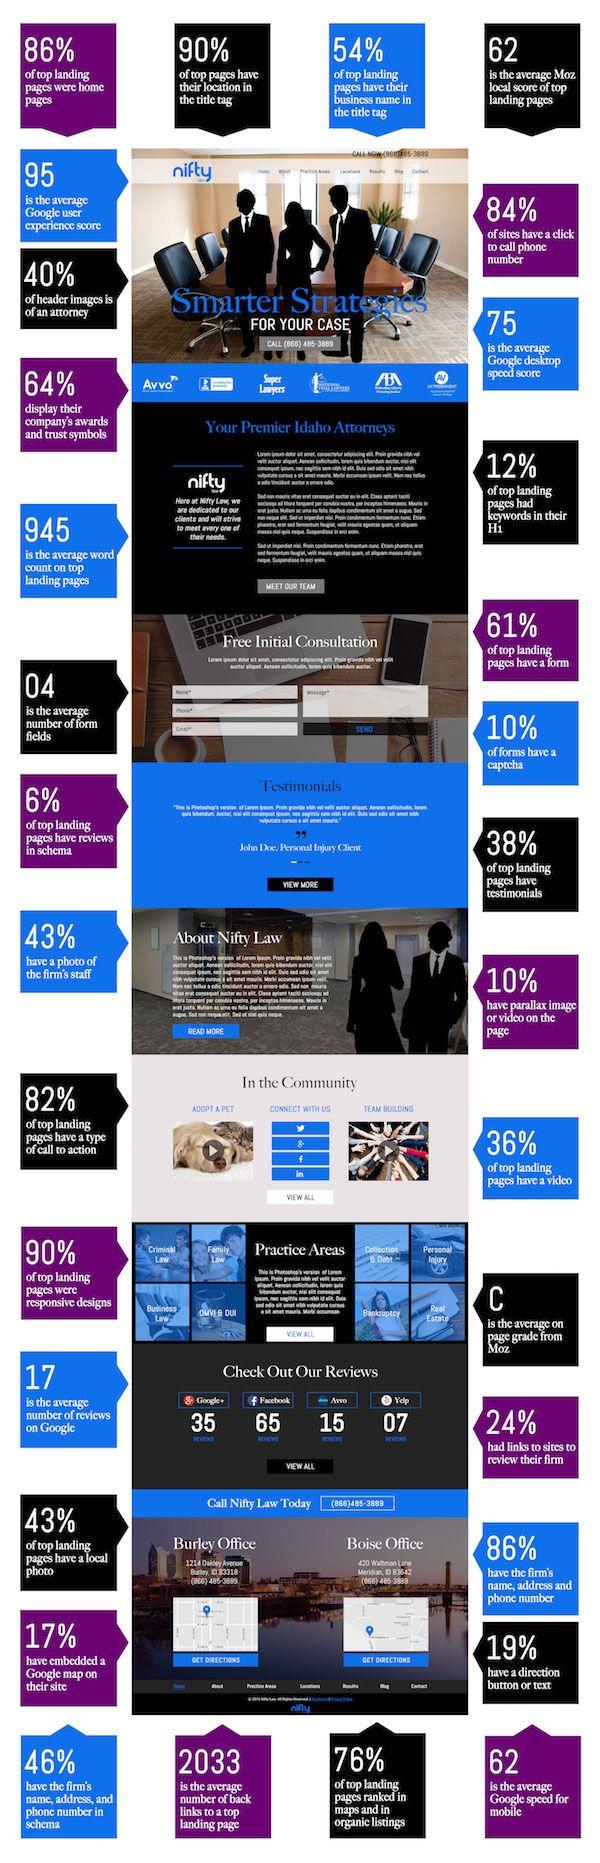 Un modello vincente di sito web per avvocati e studi legali [Infografica]